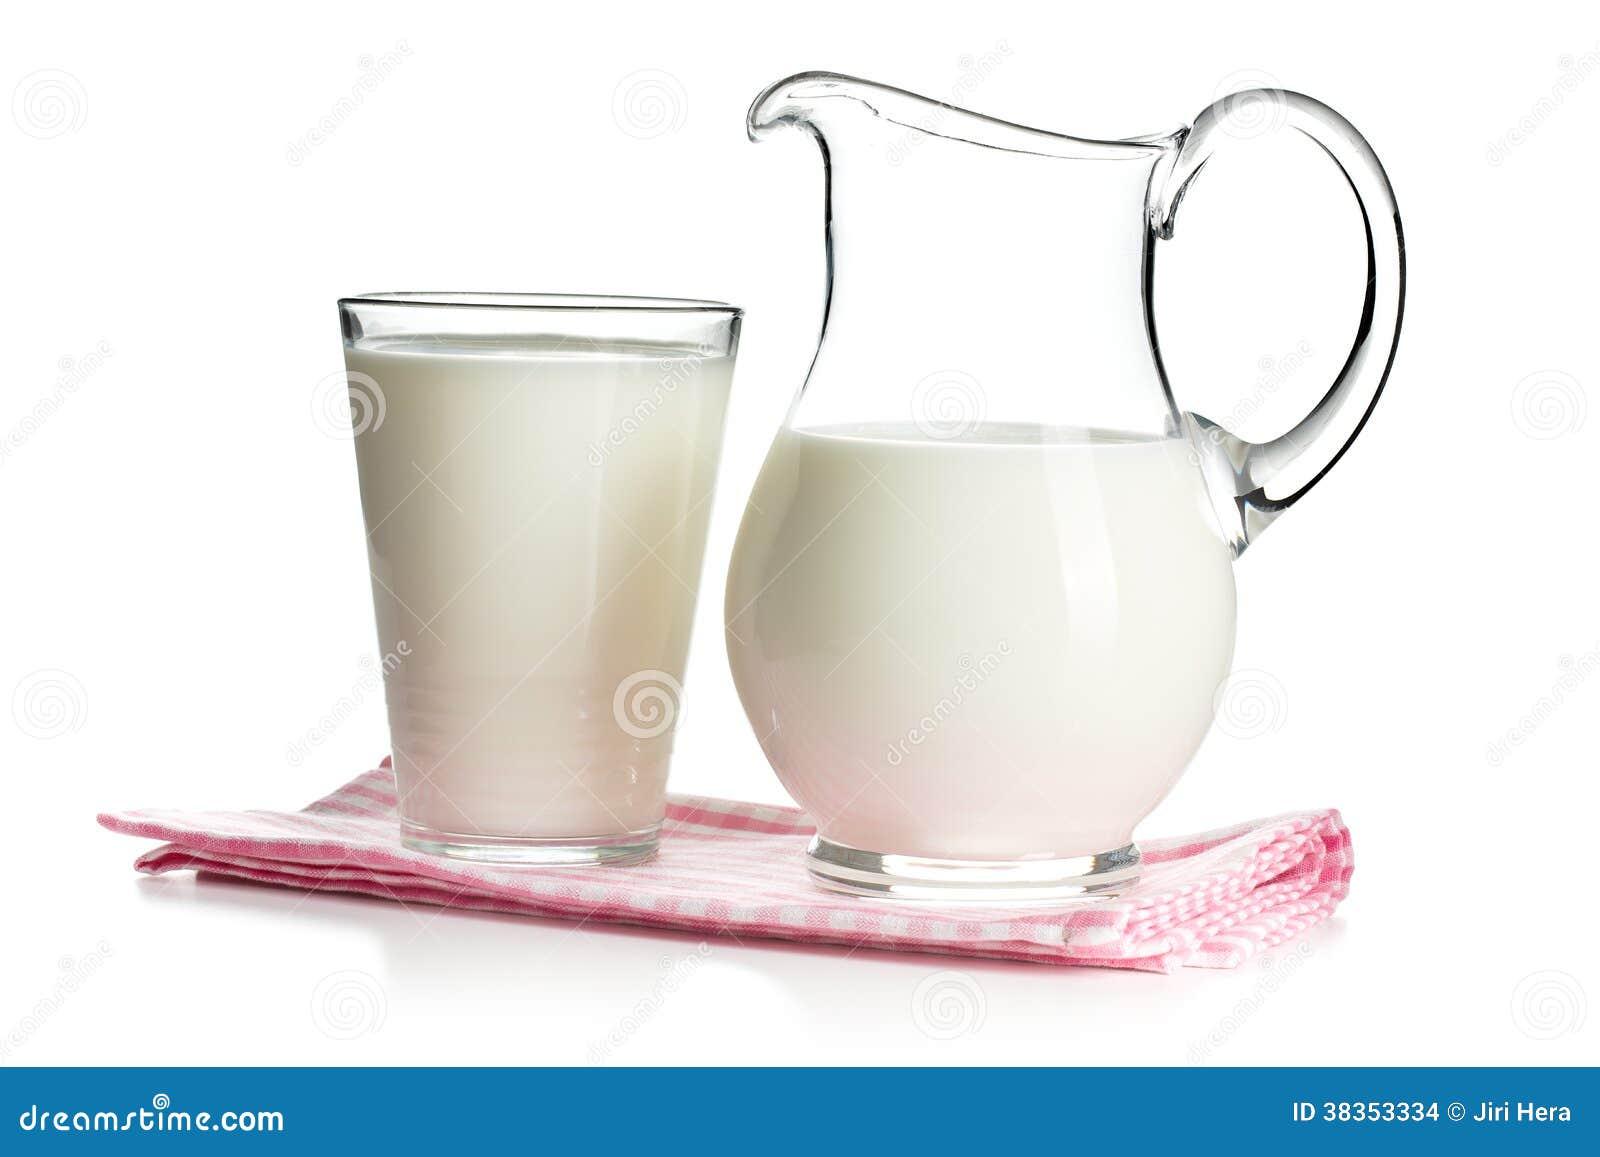 Jarras de vidrio botella de vidrio l con tapn de corcho for Jarra leche